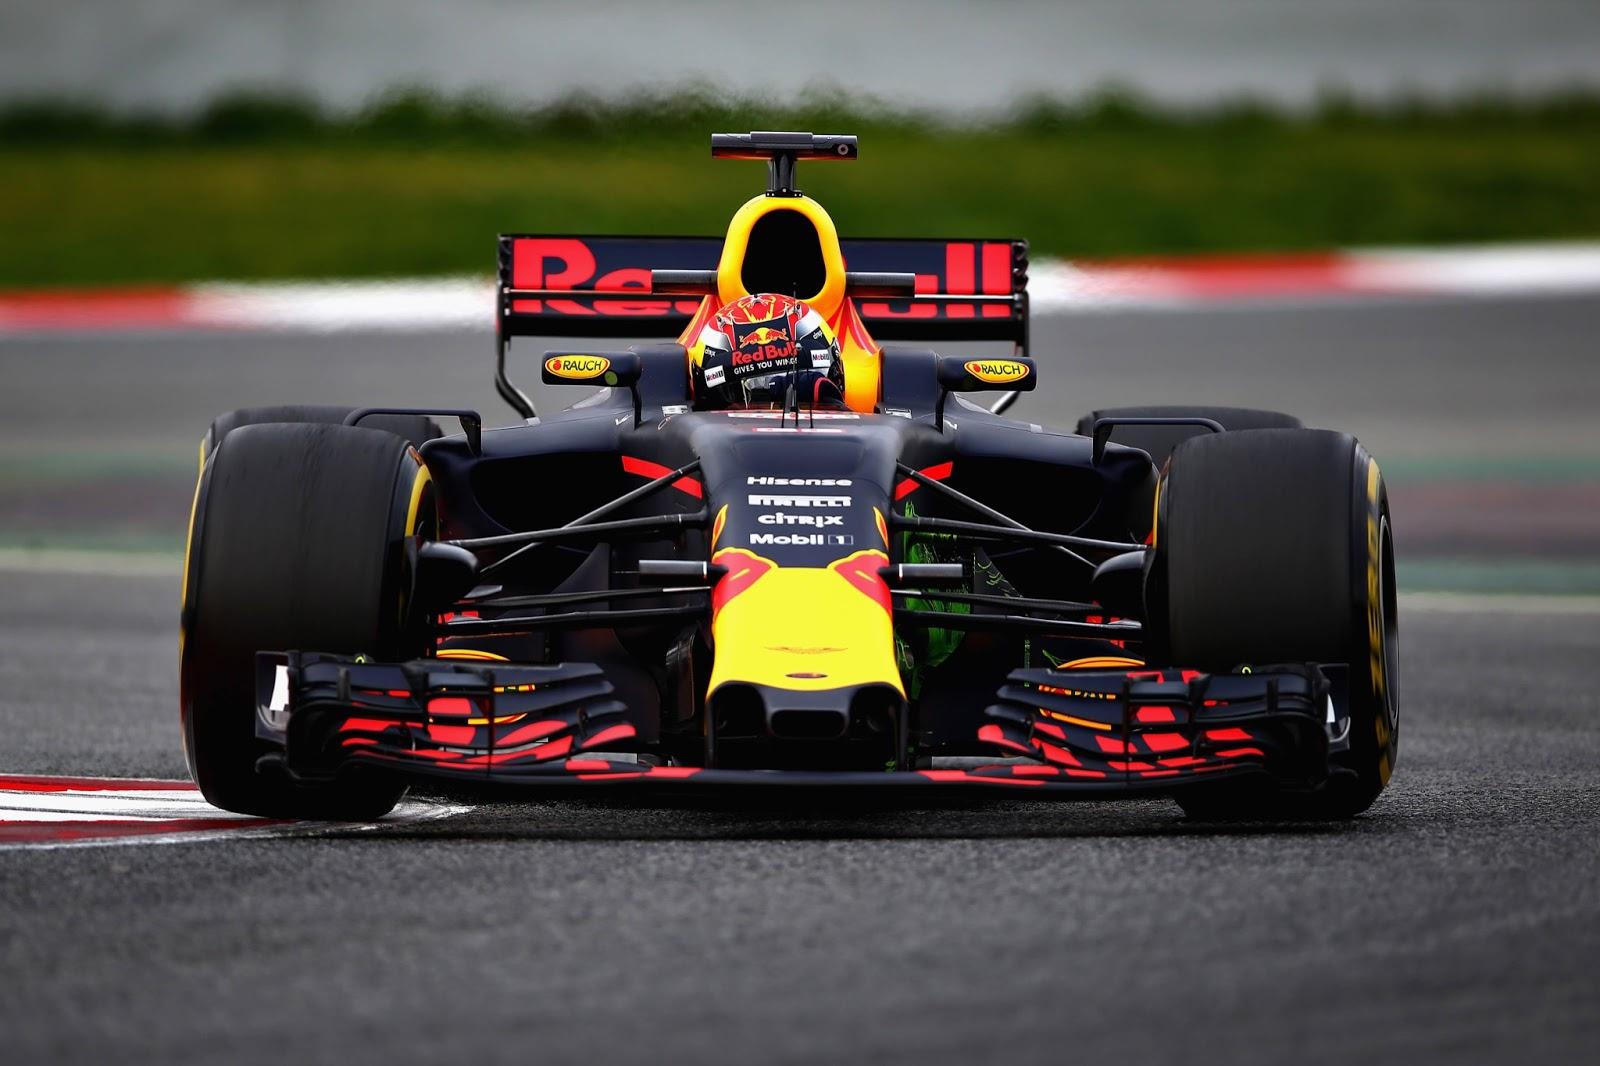 F1: Renault Dump Red Bull, Honda Power From 2019